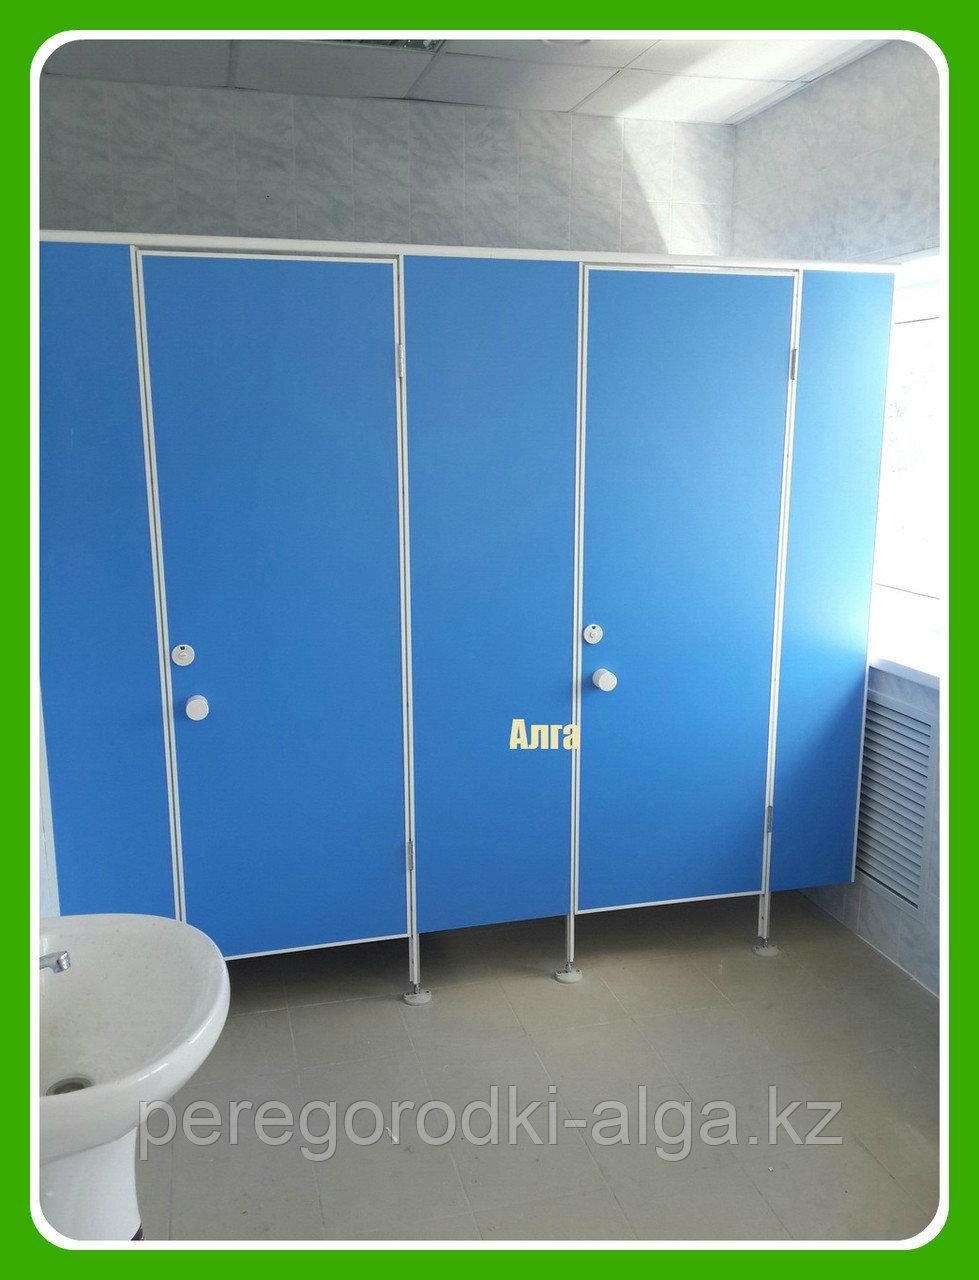 Туалетная кабина для школ и учебных заведений из ЛДСП 16 мм